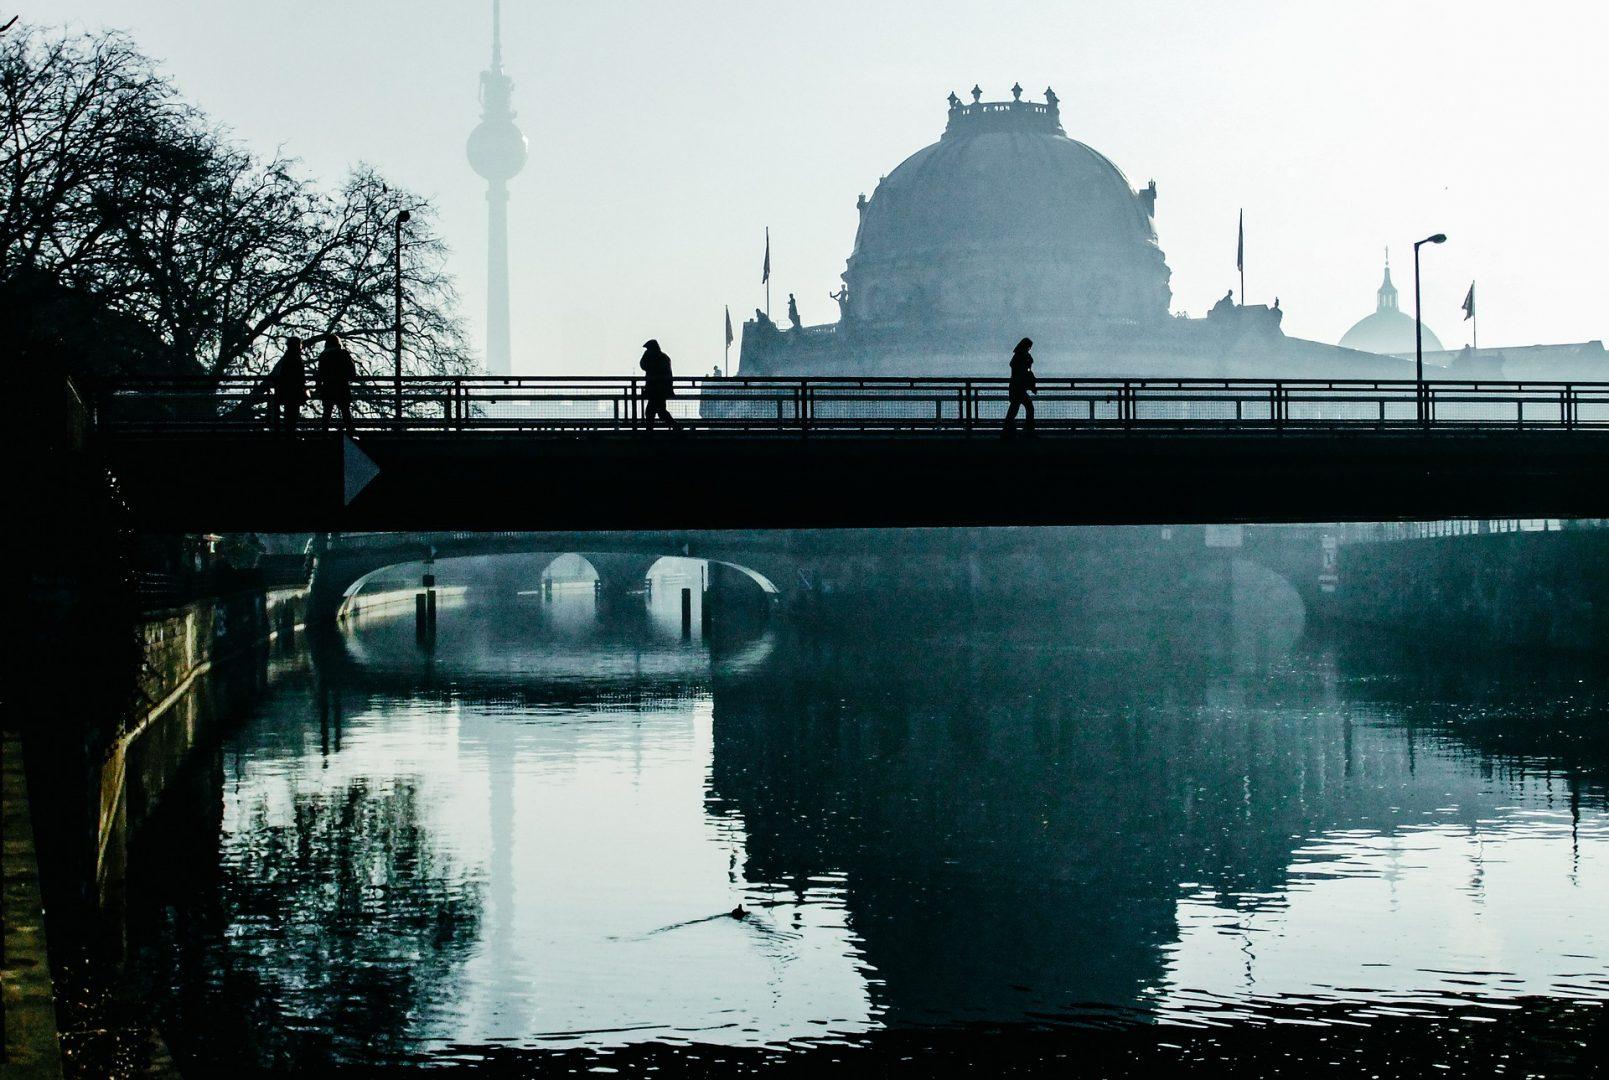 Канцлер Германии заявила о начале третьей волны пандемии COVID-19 в стране. Фото: pixabay.com